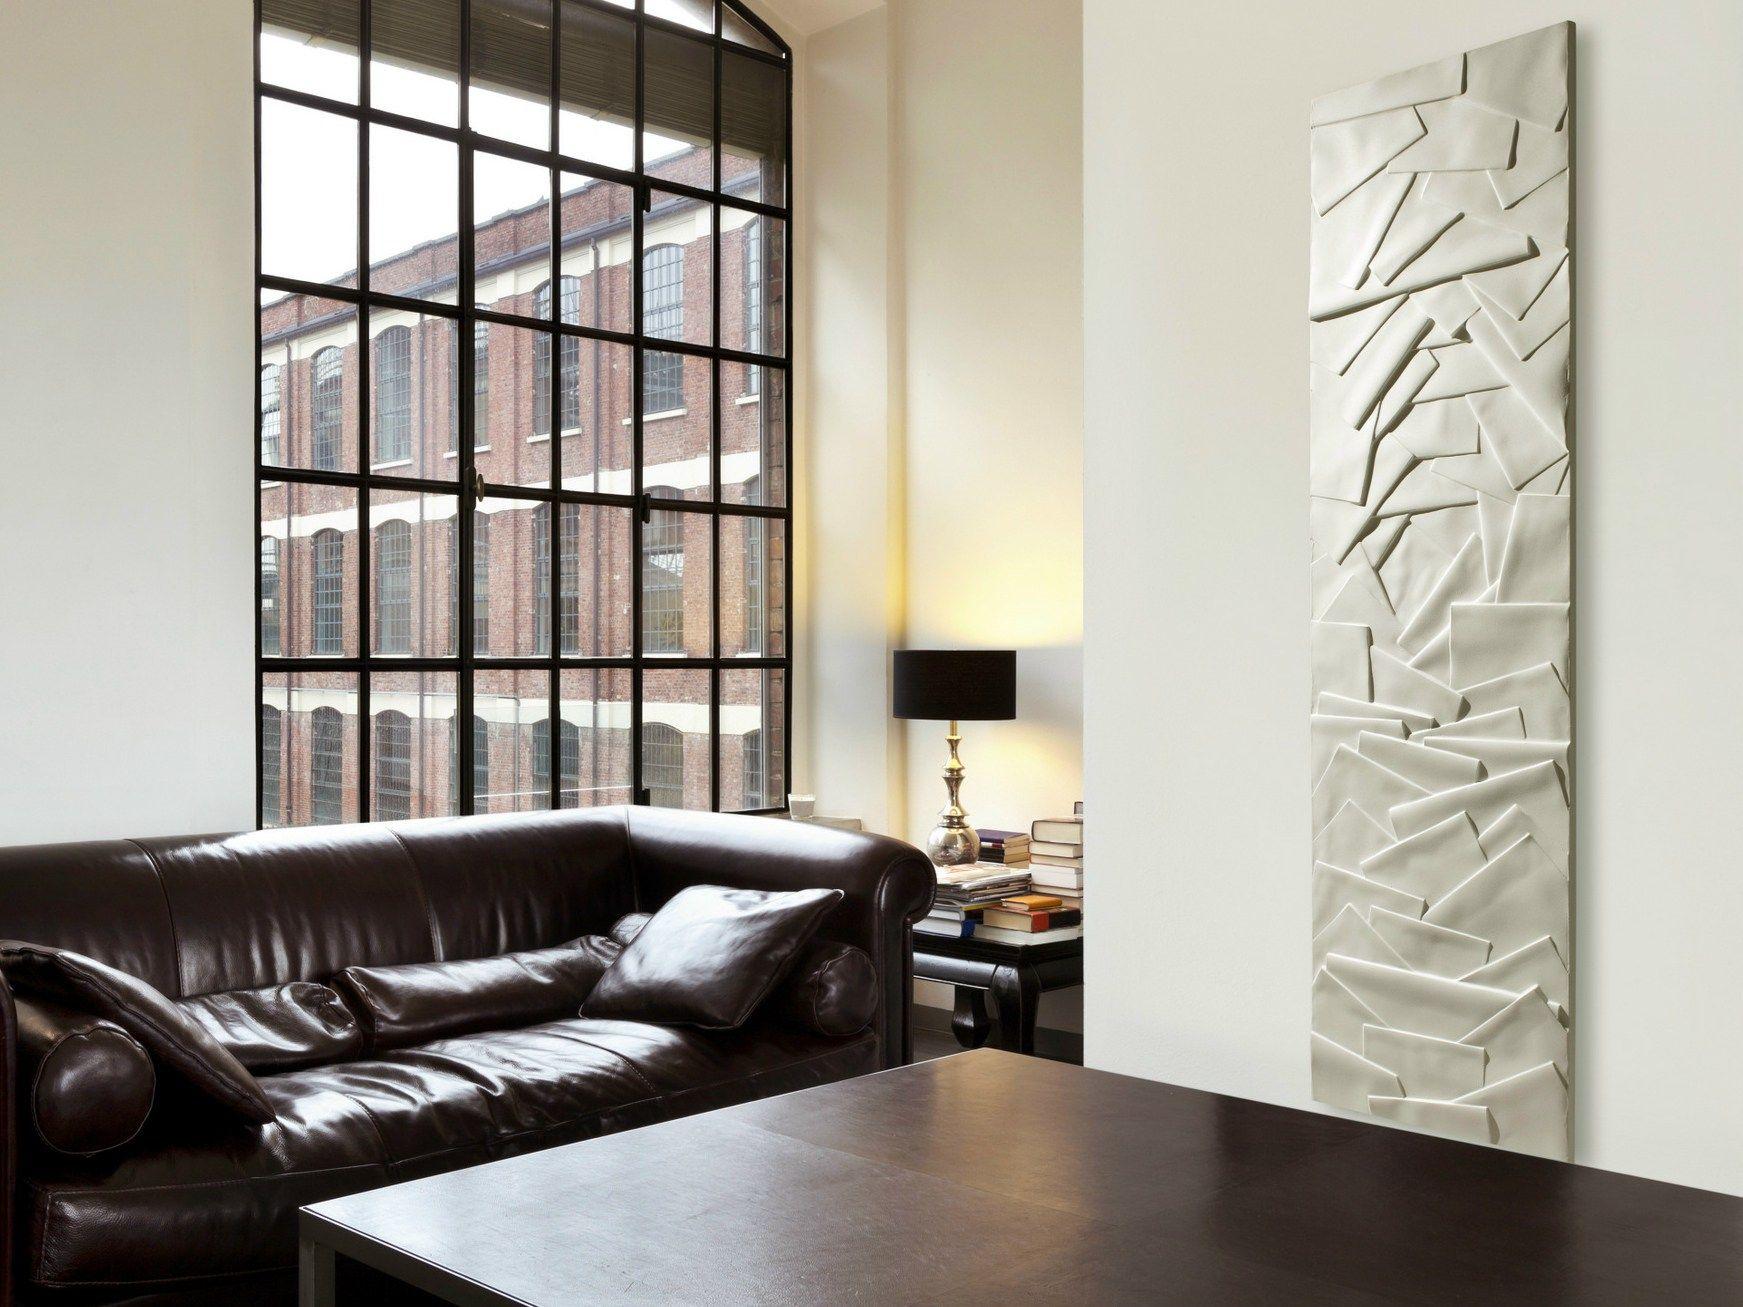 radiateur d coratif panneau vertical en olycale edo by cinier radiateurs contemporains design. Black Bedroom Furniture Sets. Home Design Ideas